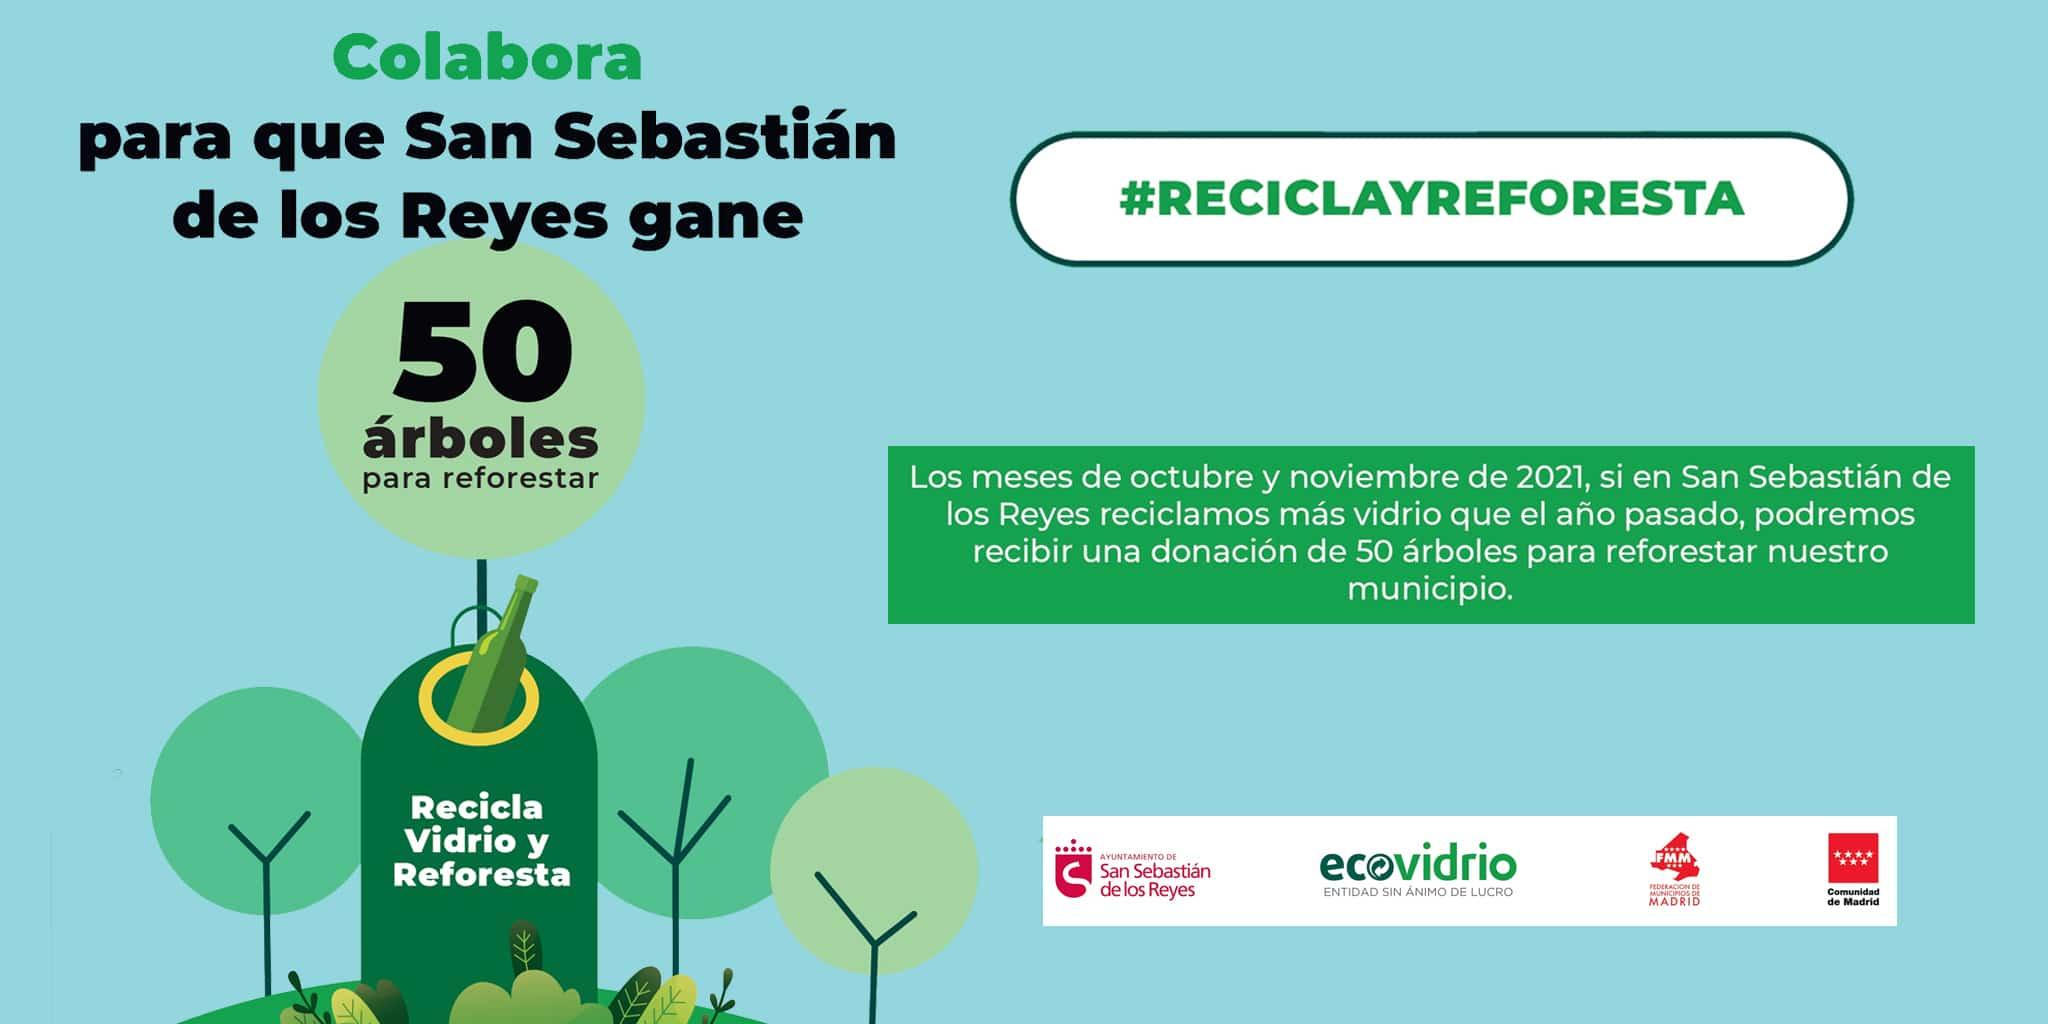 Durante los próximos dos meses, se desarrollarán numerosas actividades destinadas a concienciar sobre la importancia de reciclar vidrio